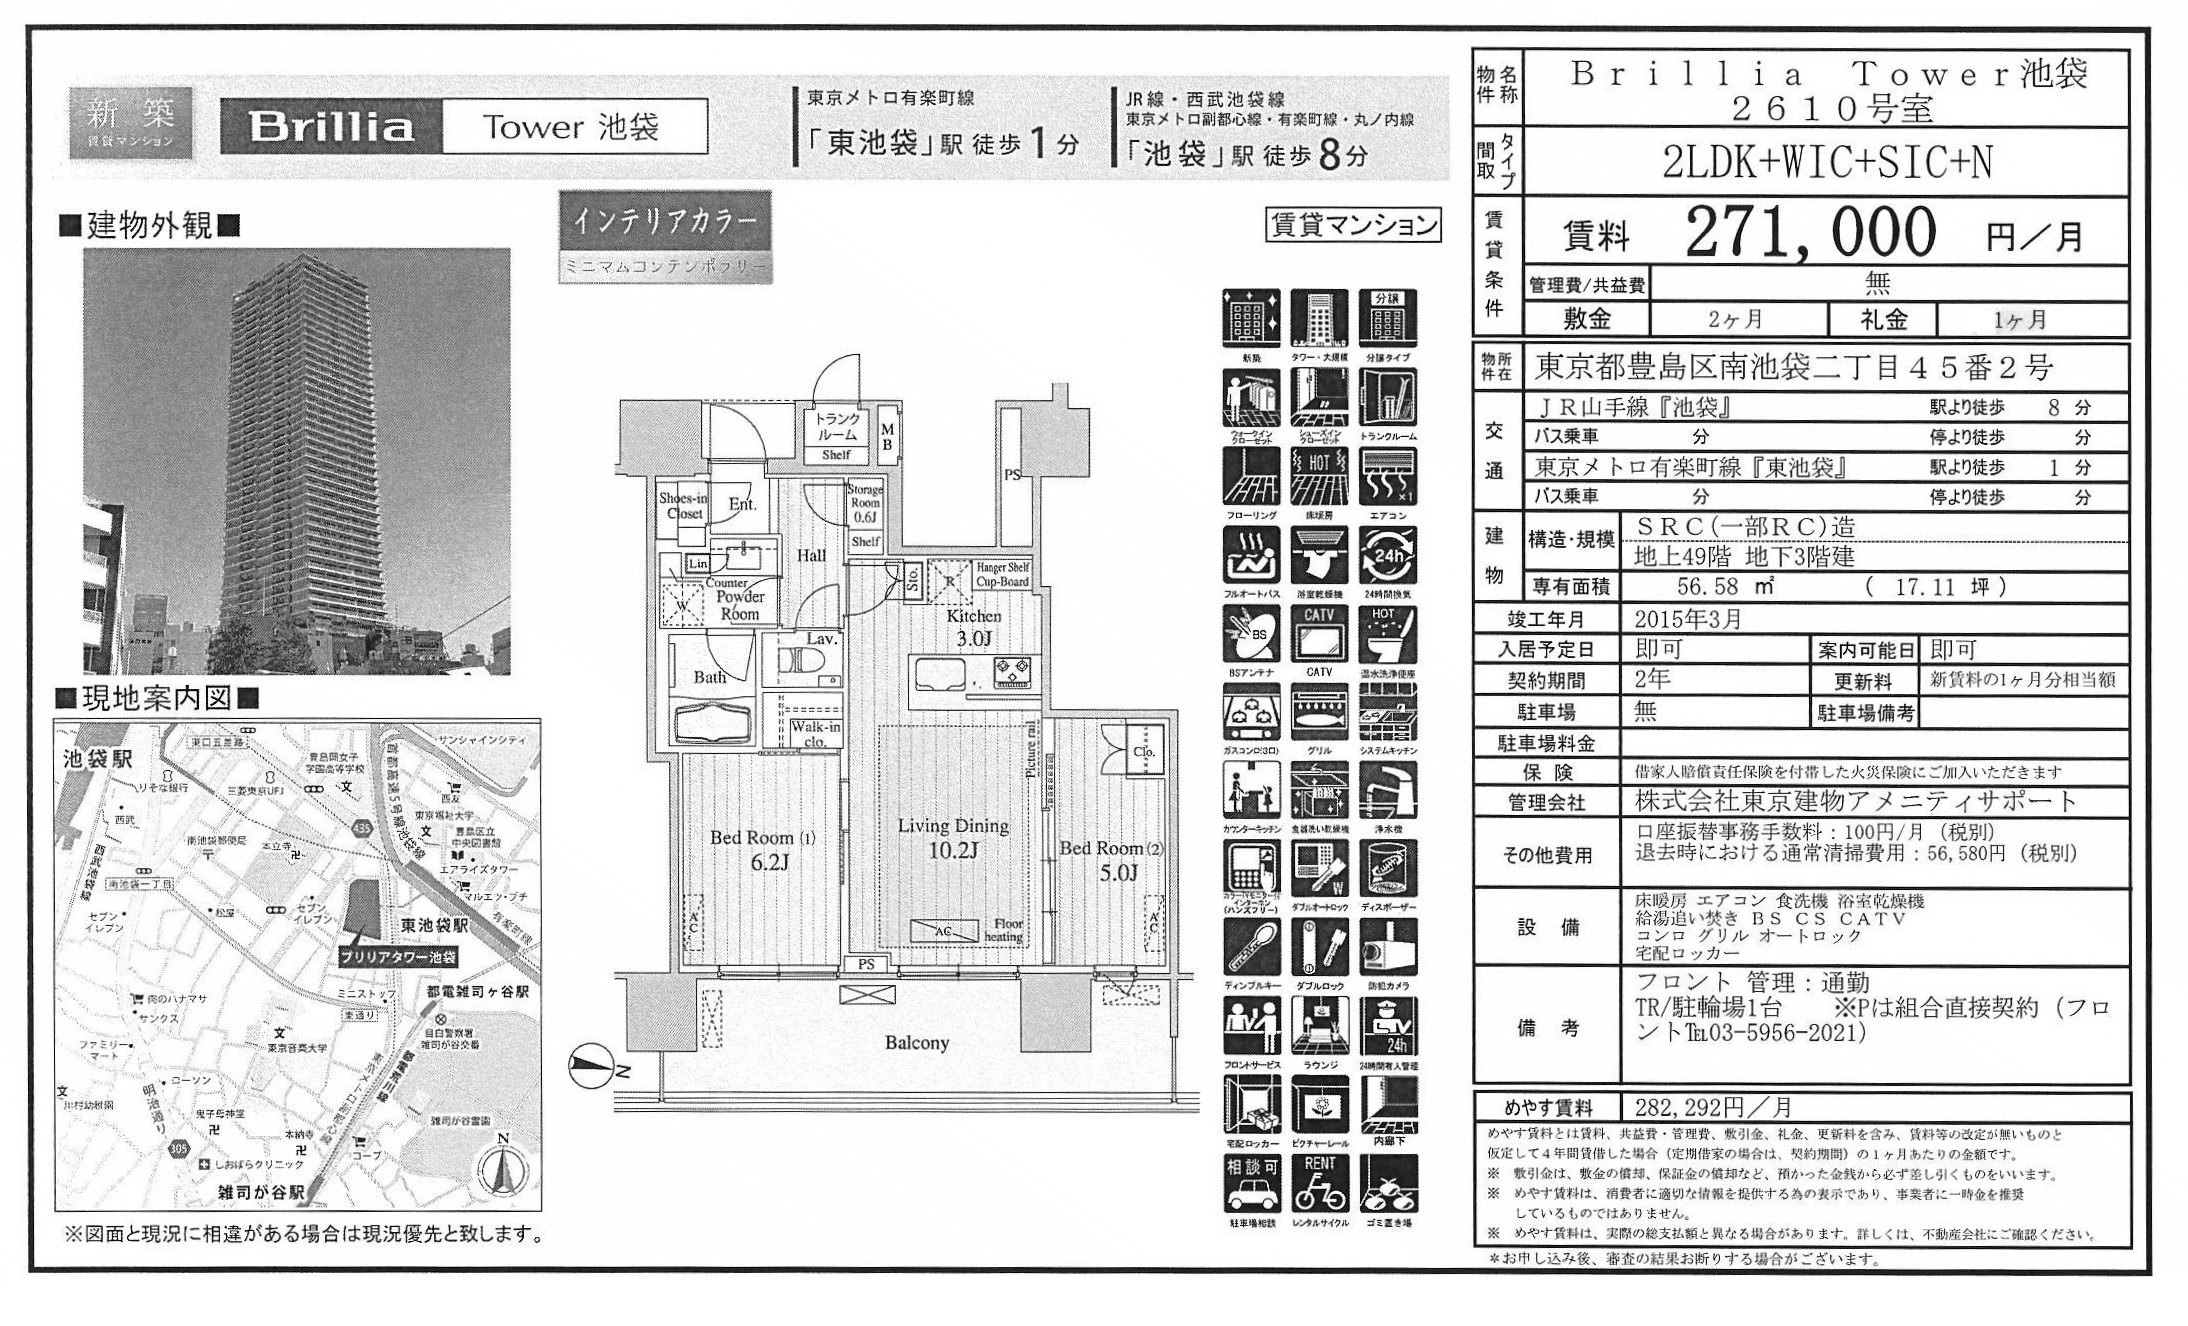 ブリリアタワー池袋図面2610号室